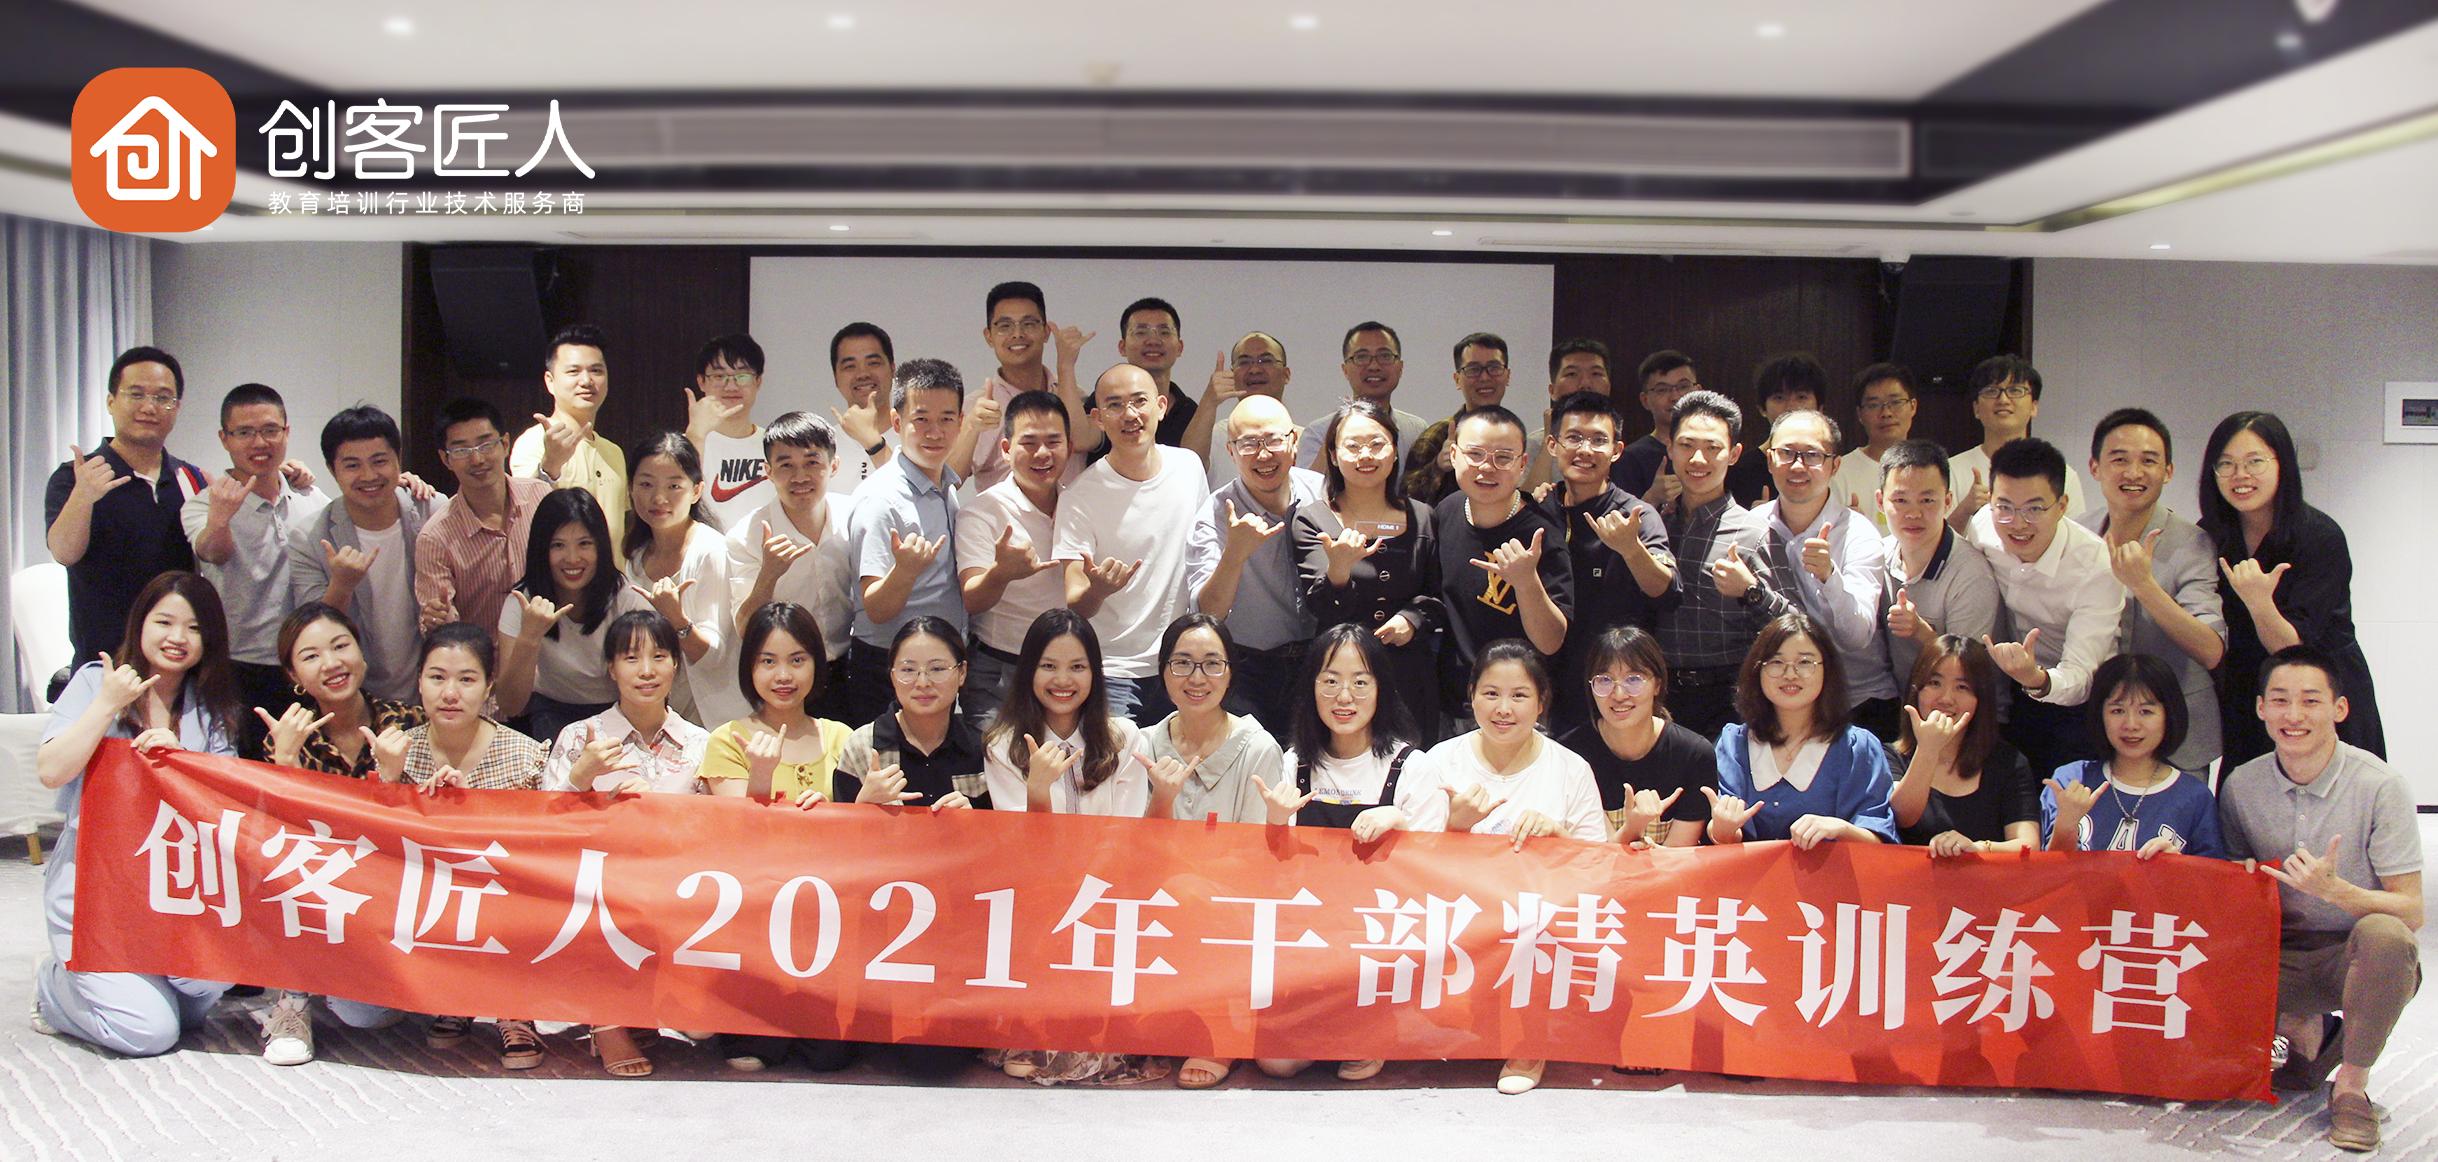 管理者的五项修炼   创客匠人2021年干部精英训练营